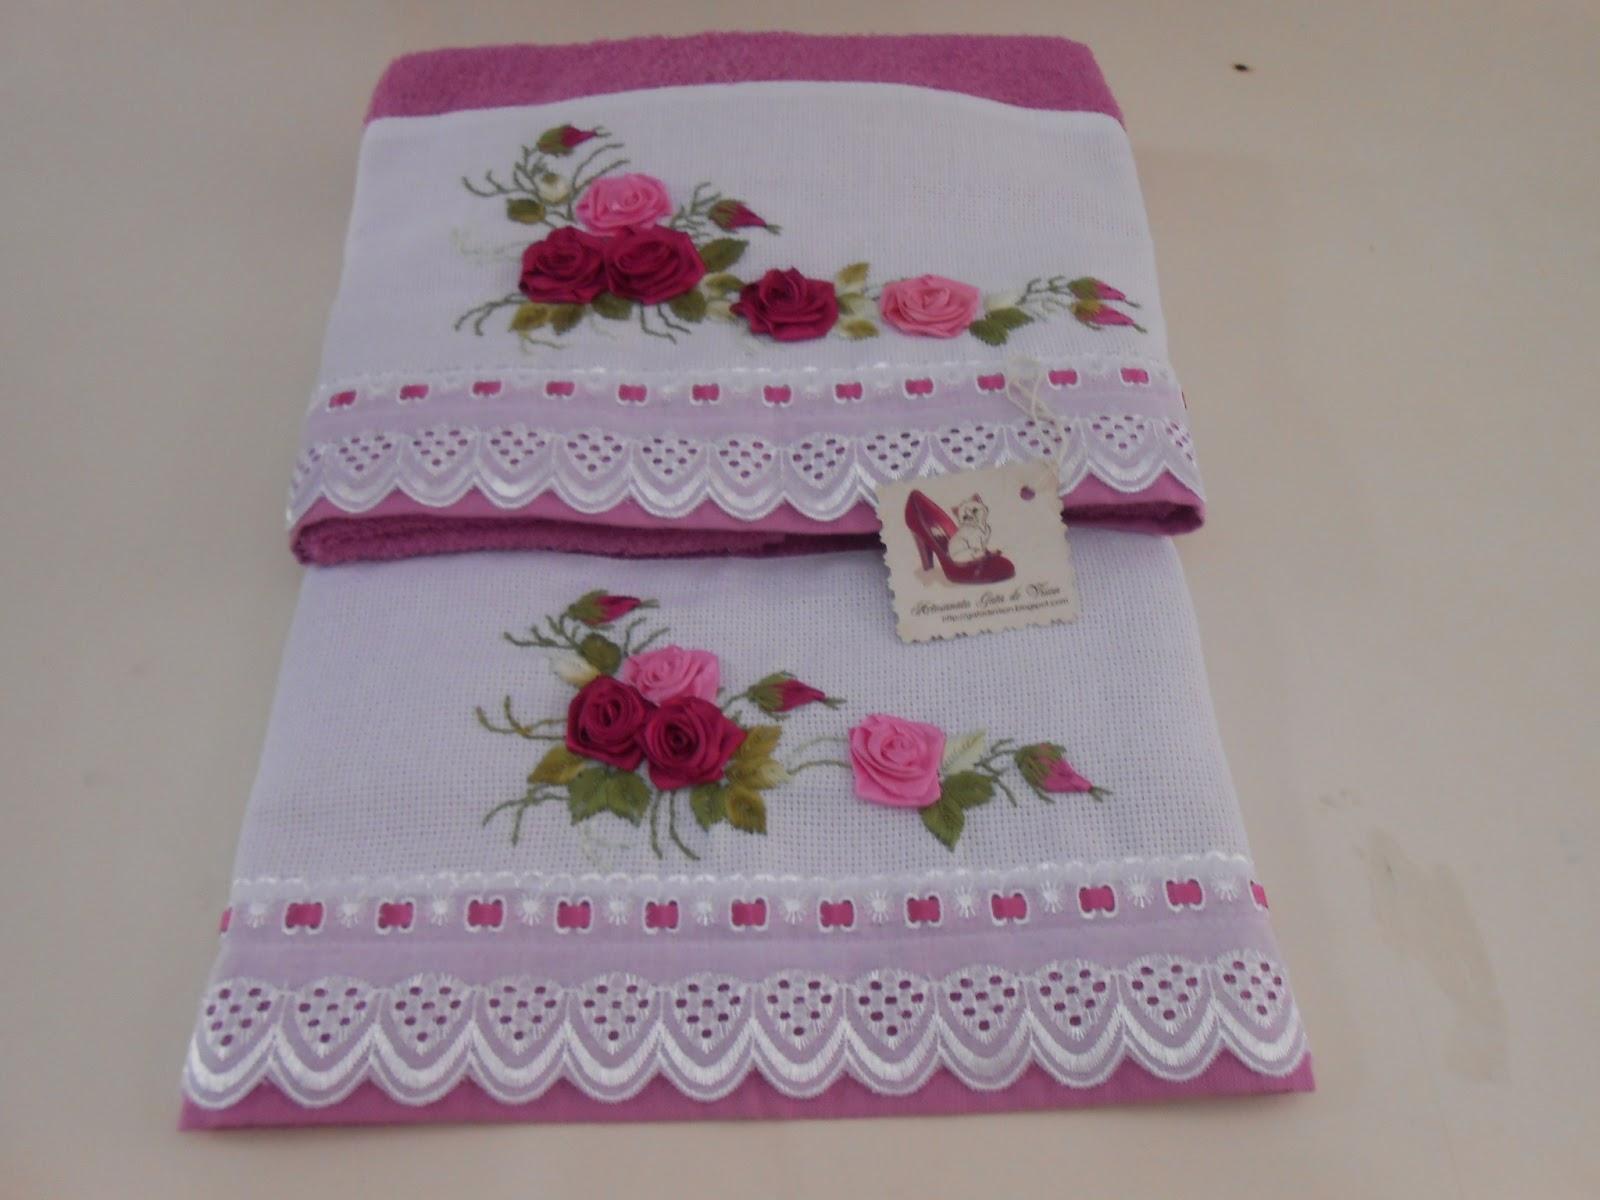 Artesanato patchwork em toalha de banho com